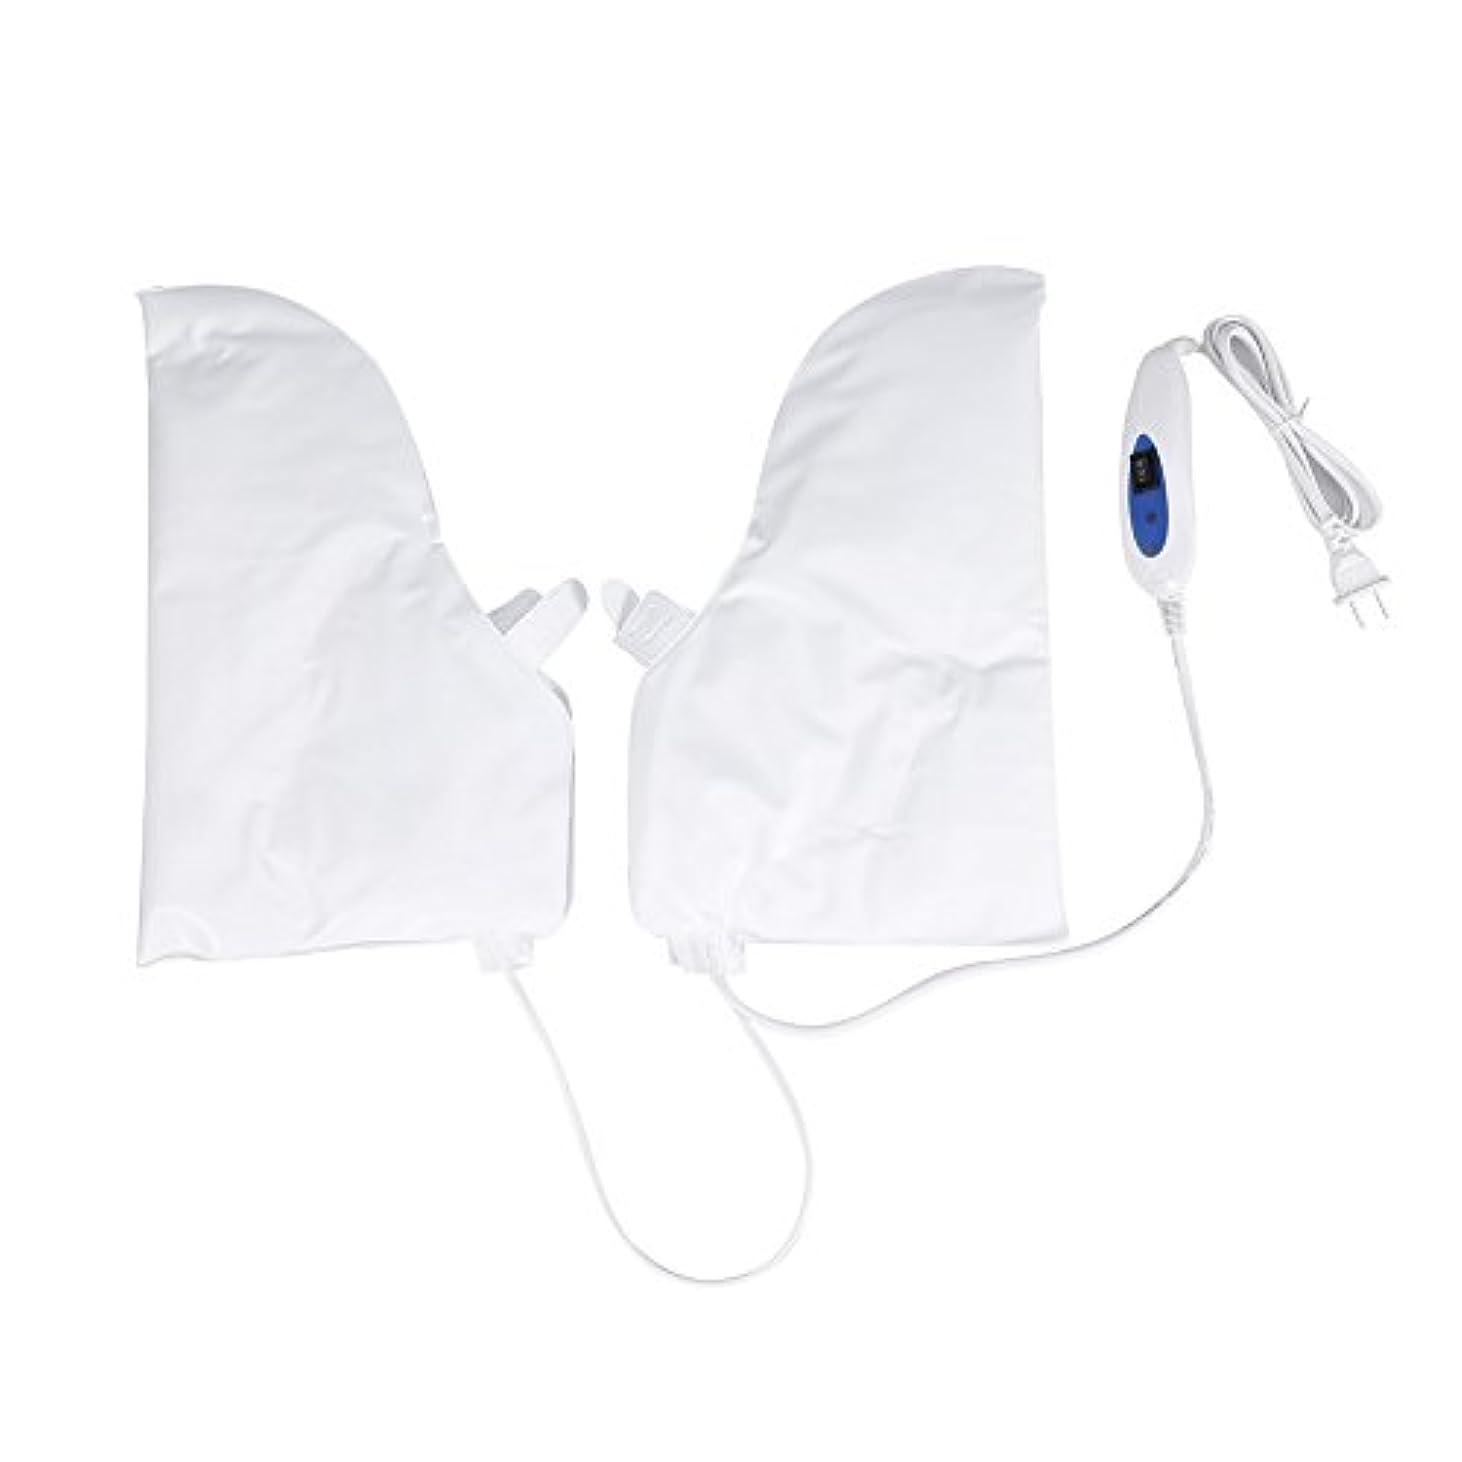 艶許すとして蒸し手袋 ハンドマスク 保湿グローブ 電熱手袋 ヒートグローブ 加熱式 電熱 手ケア ハンドケア 2つ加熱モード 乾燥対策 手荒れ対策 補水 保湿 美白 しっとり 美容 手袋